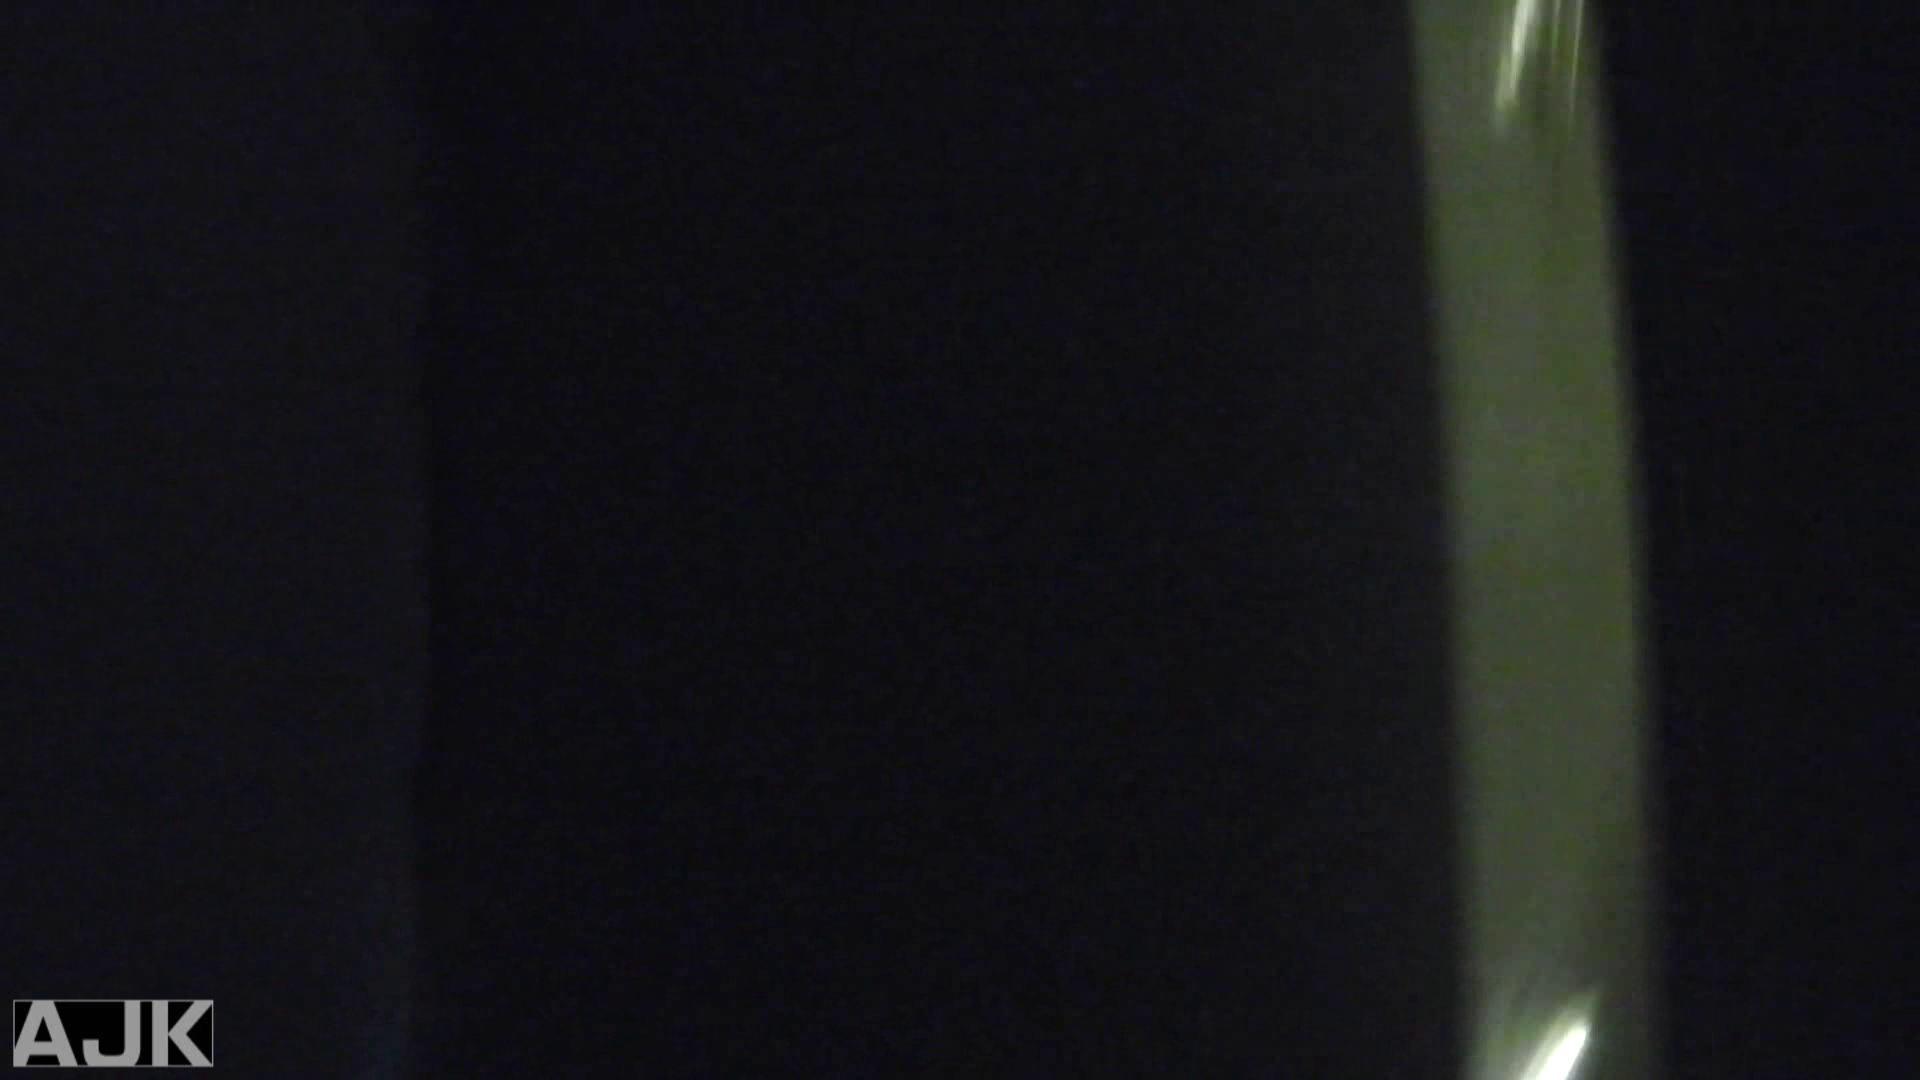 隣国上階級エリアの令嬢たちが集うデパートお手洗い Vol.21 お嬢様のエロ動画 | 美女  110枚 1